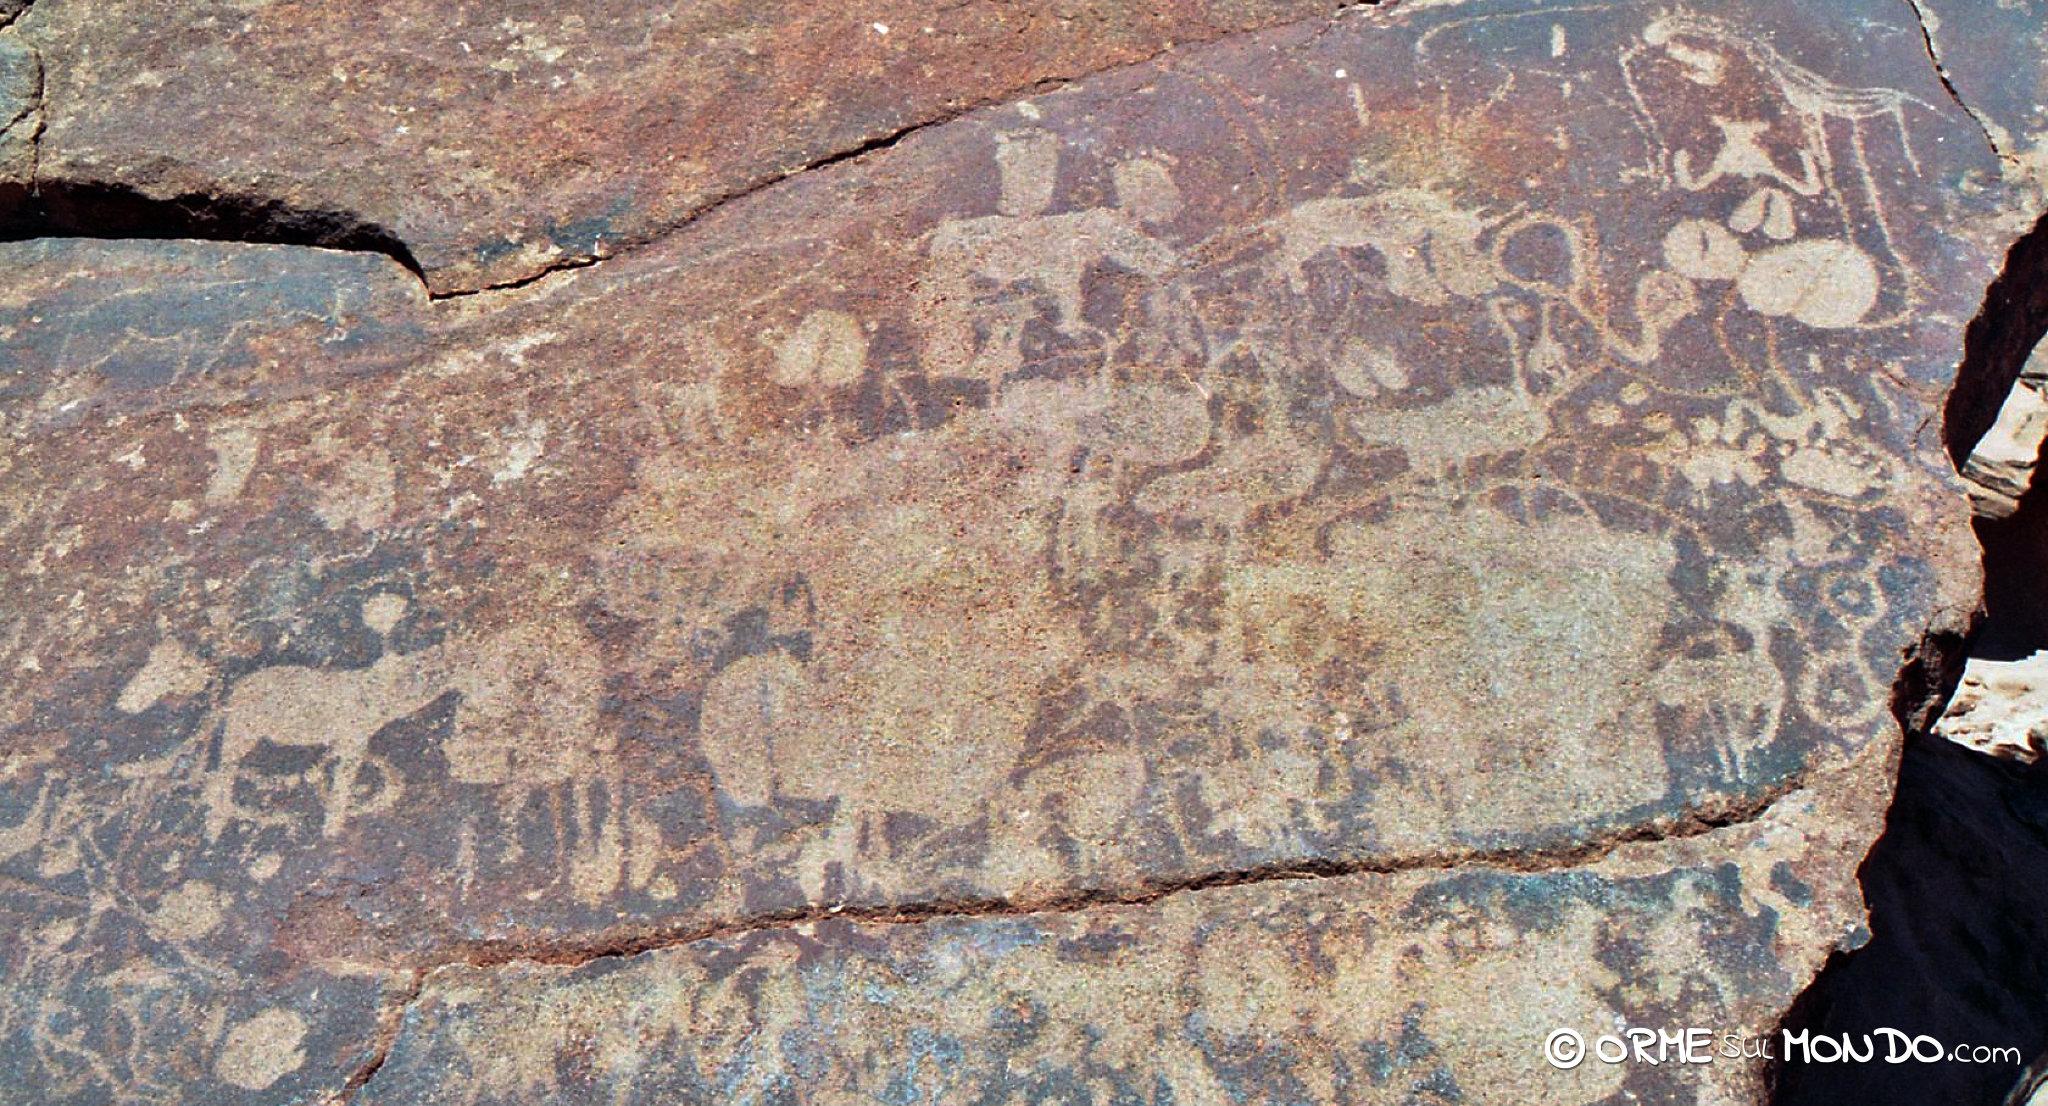 Pitture rupestri alle Tsodilo Hills raffiguranti animali e simboli sacri